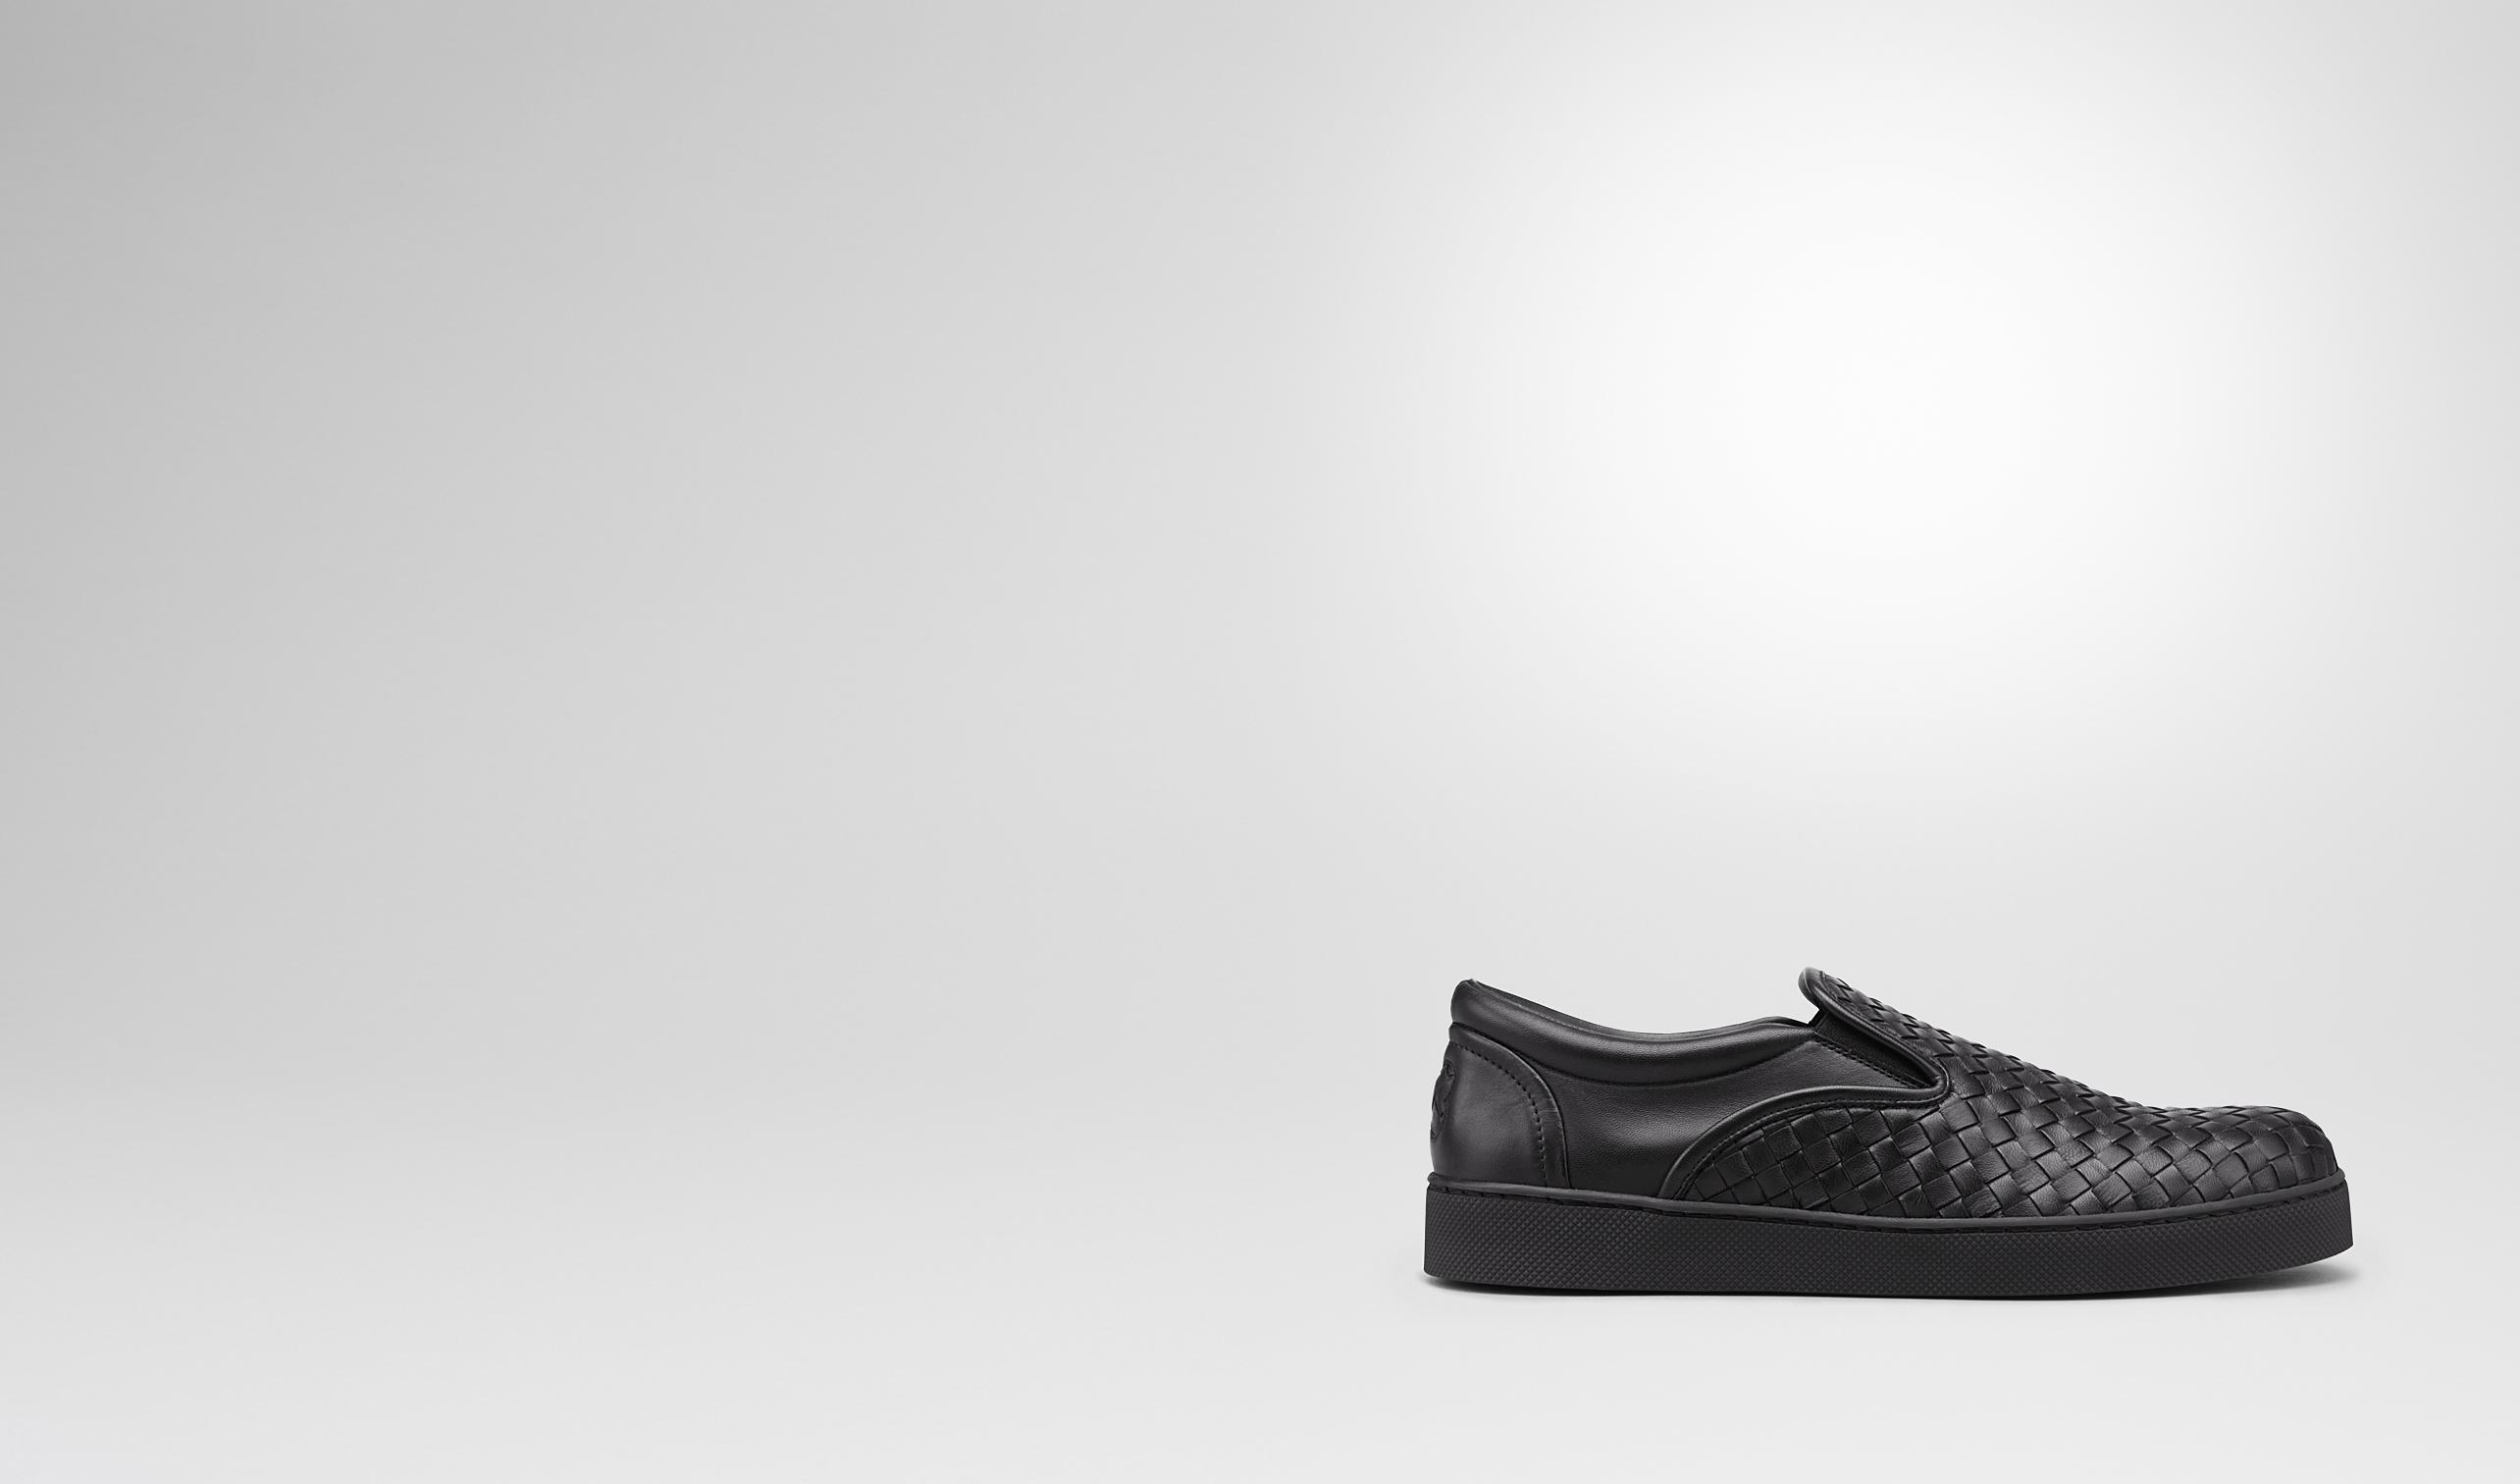 BOTTEGA VENETA Sneaker or Sandal U DODGER SNEAKER IN NERO INTRECCIATO NAPPA pl